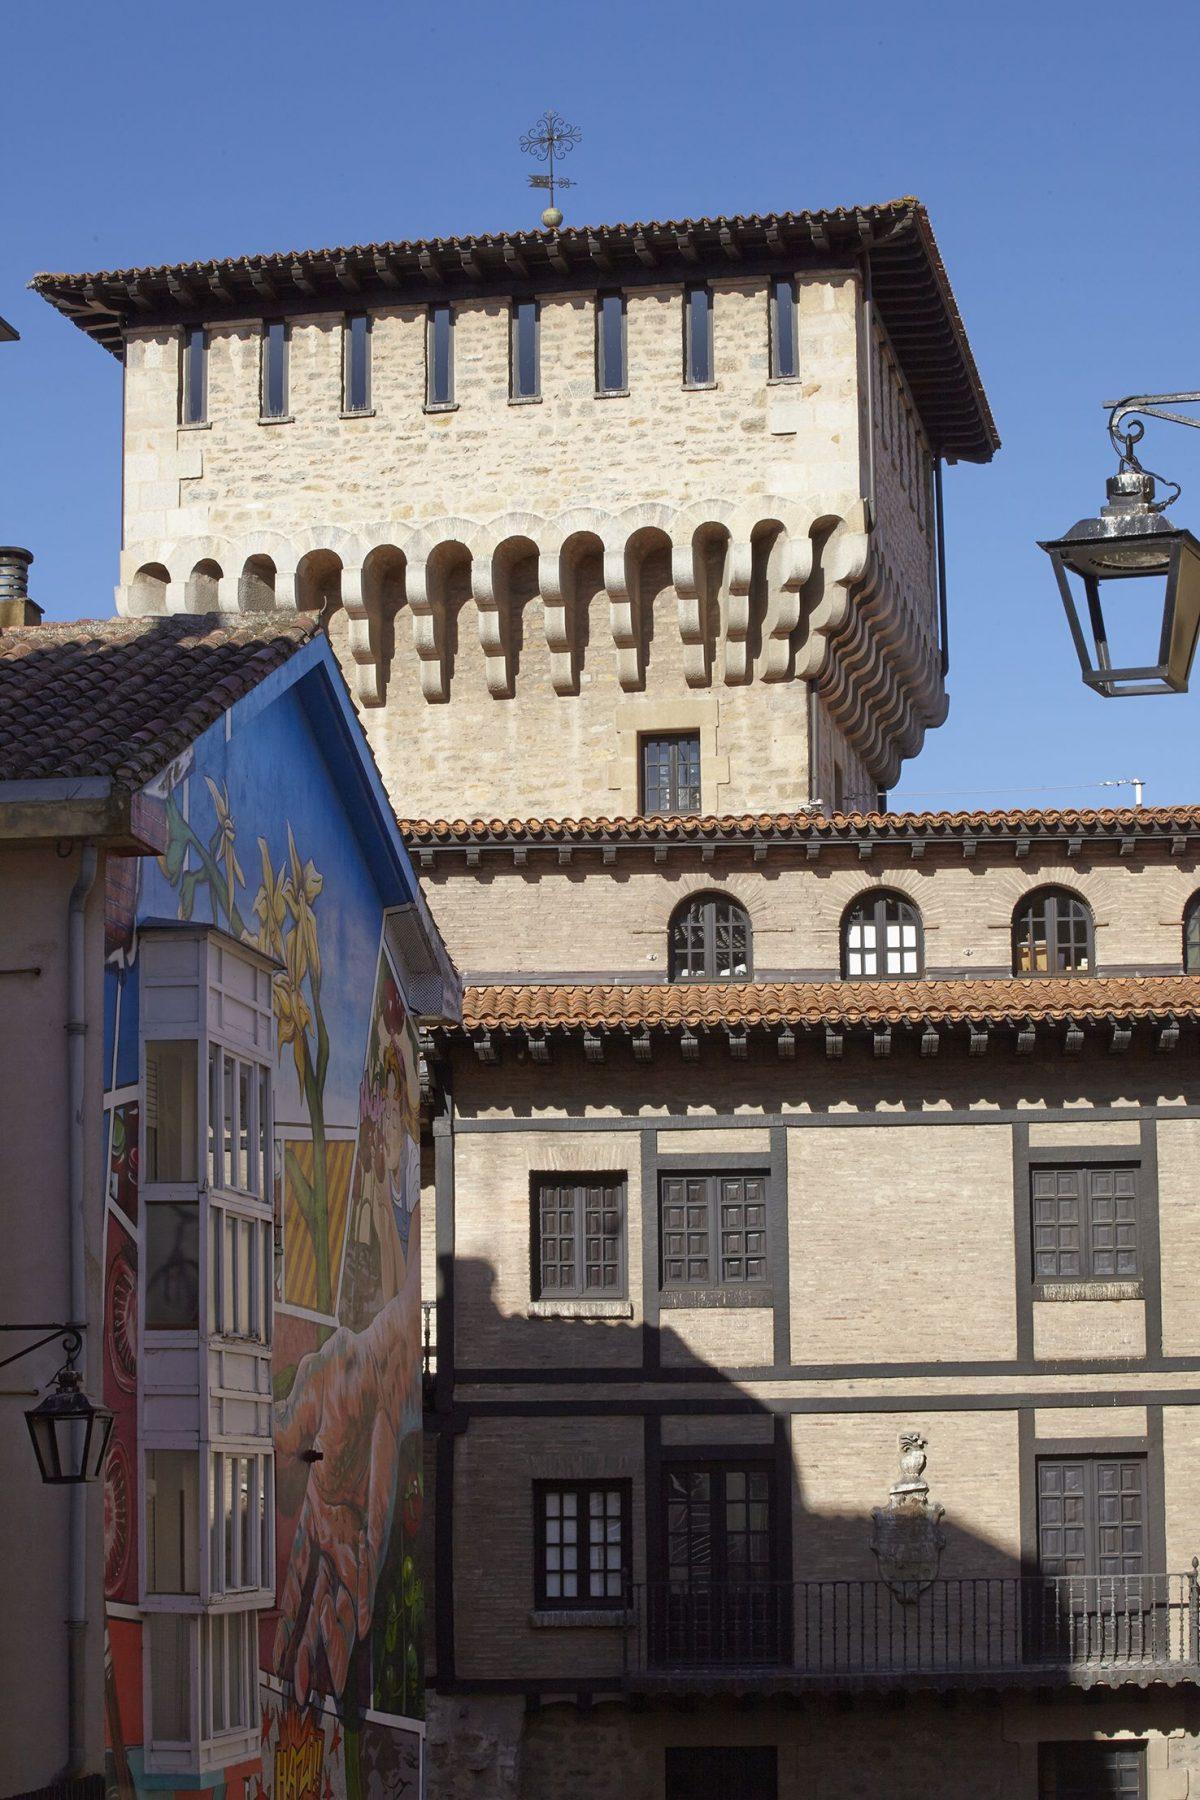 Directorio Museo CIENCIAS NATURALES DOÑA OTXANDA DESTINOS